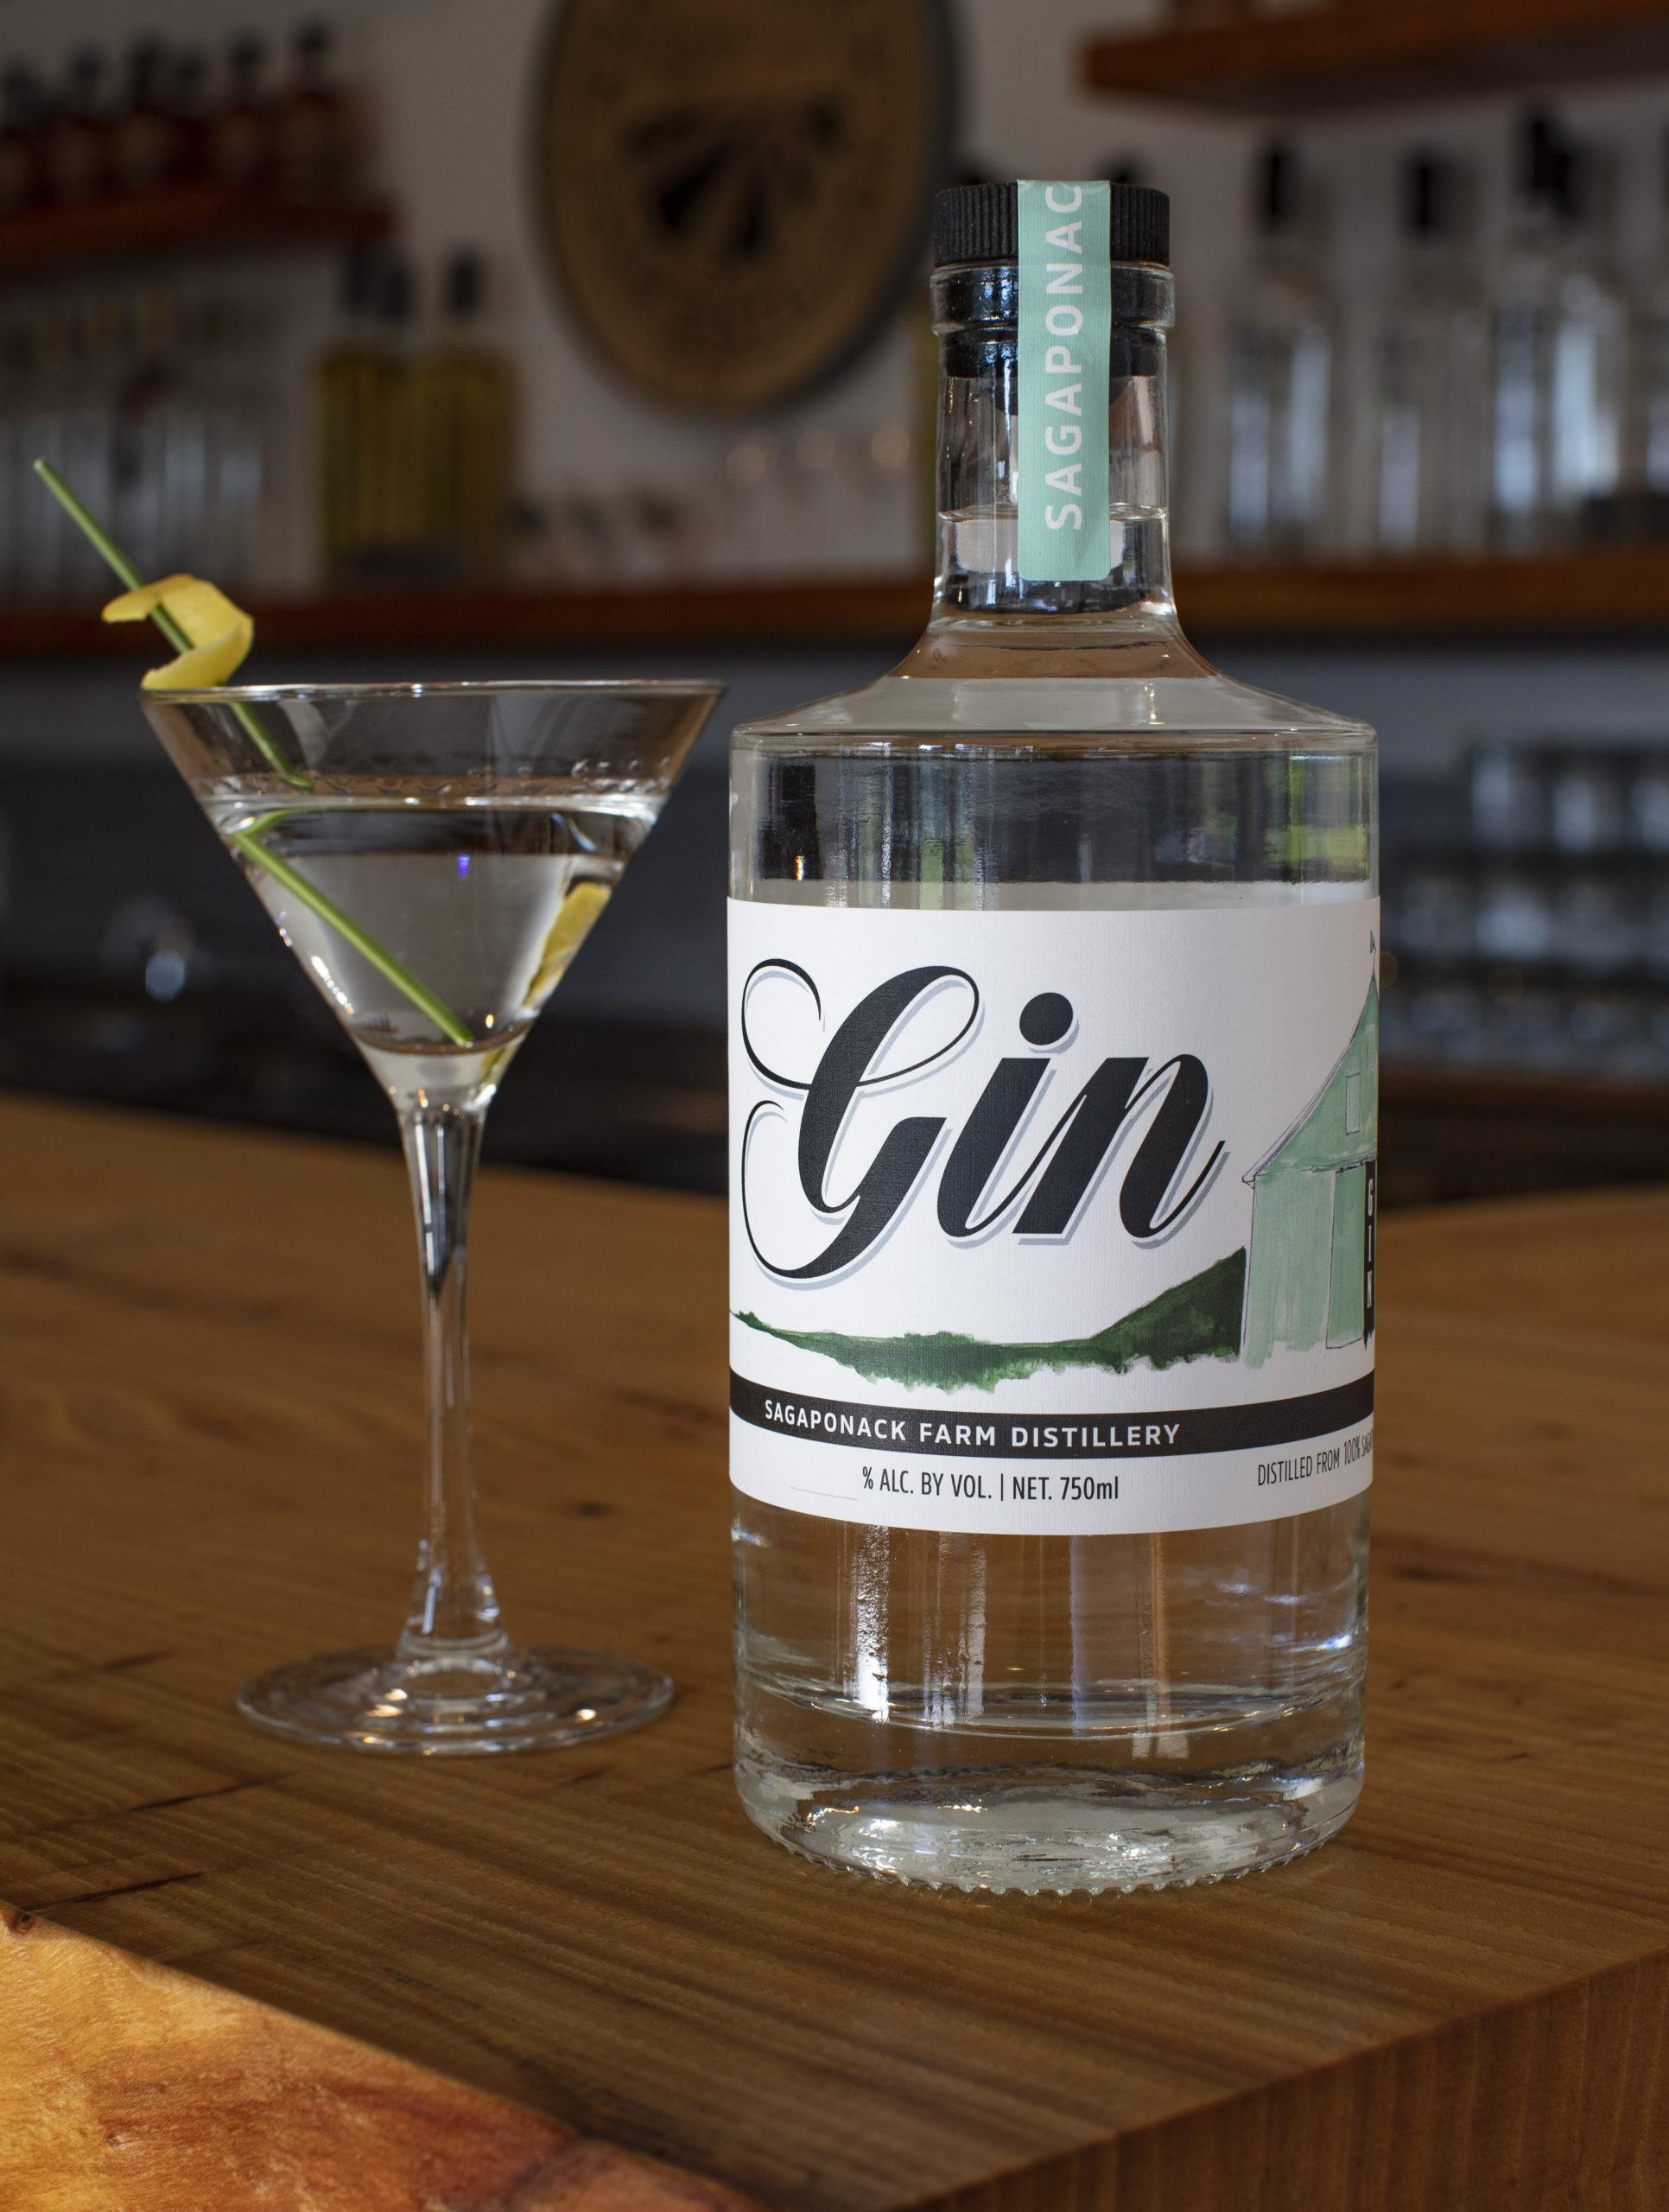 Sagaponack Farm Distillery American Gin.